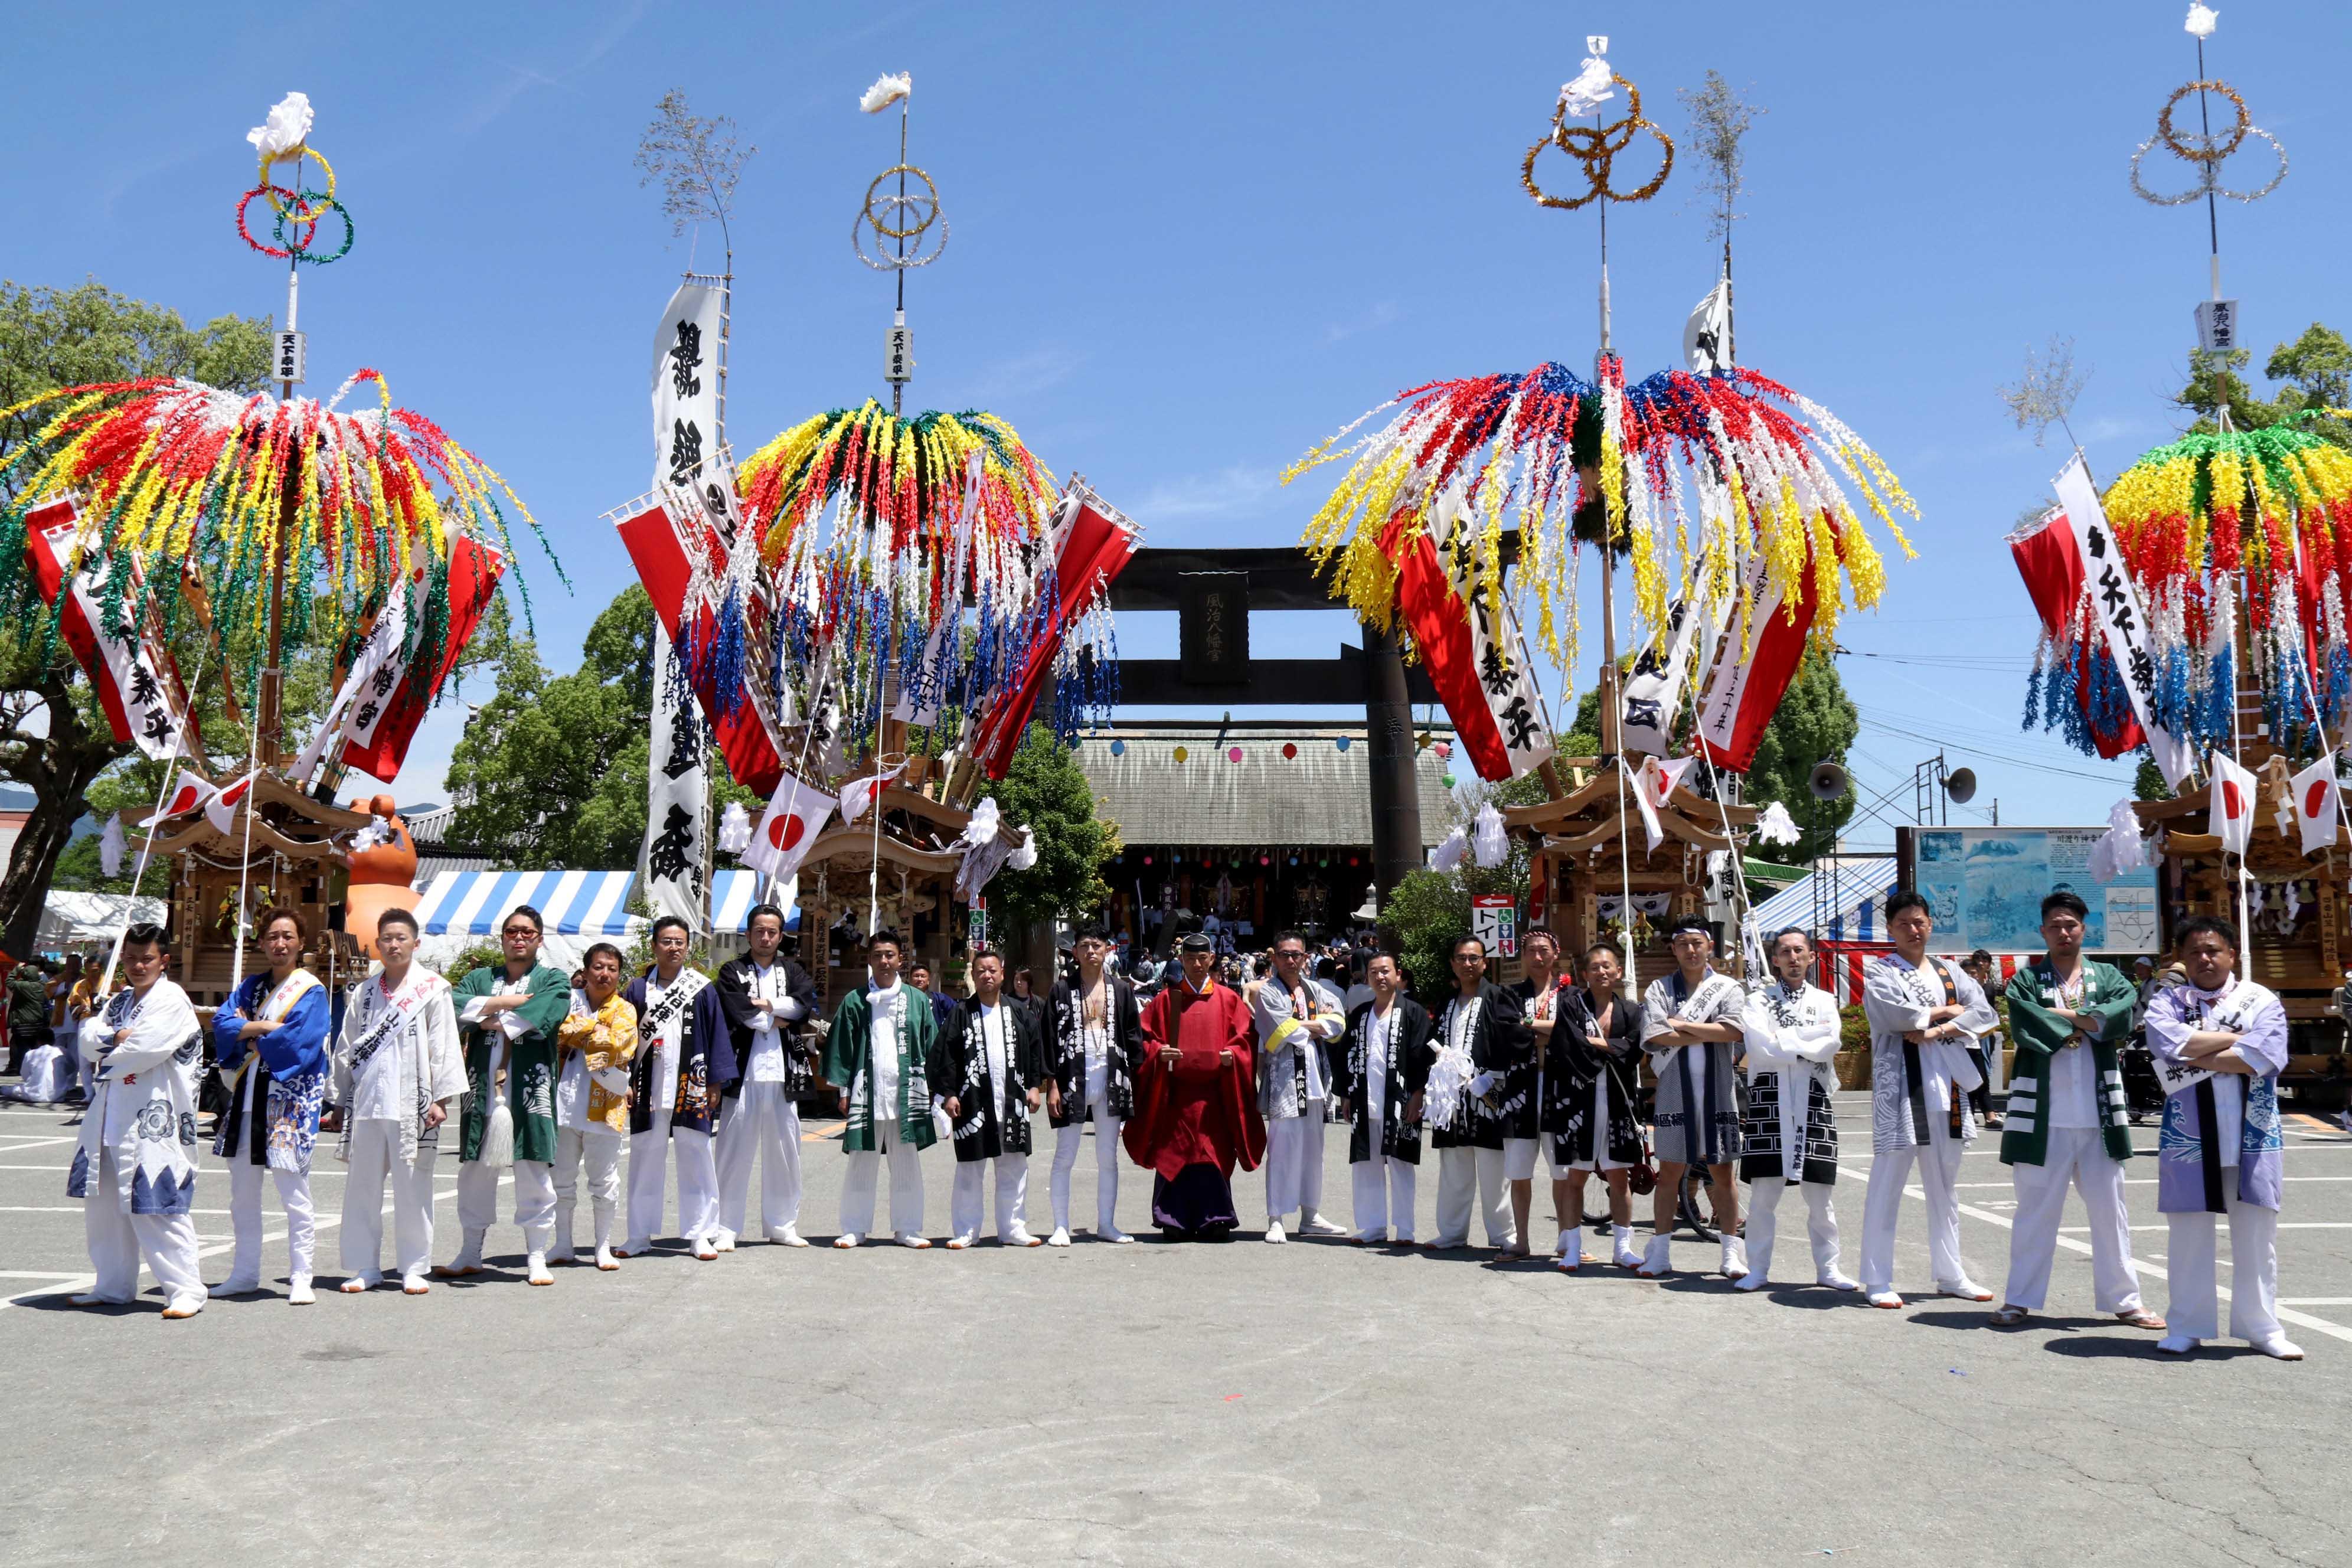 福岡県無形民俗文化財指定 風治八幡宮 川渡り神幸祭(かわわたりじんこうさい)